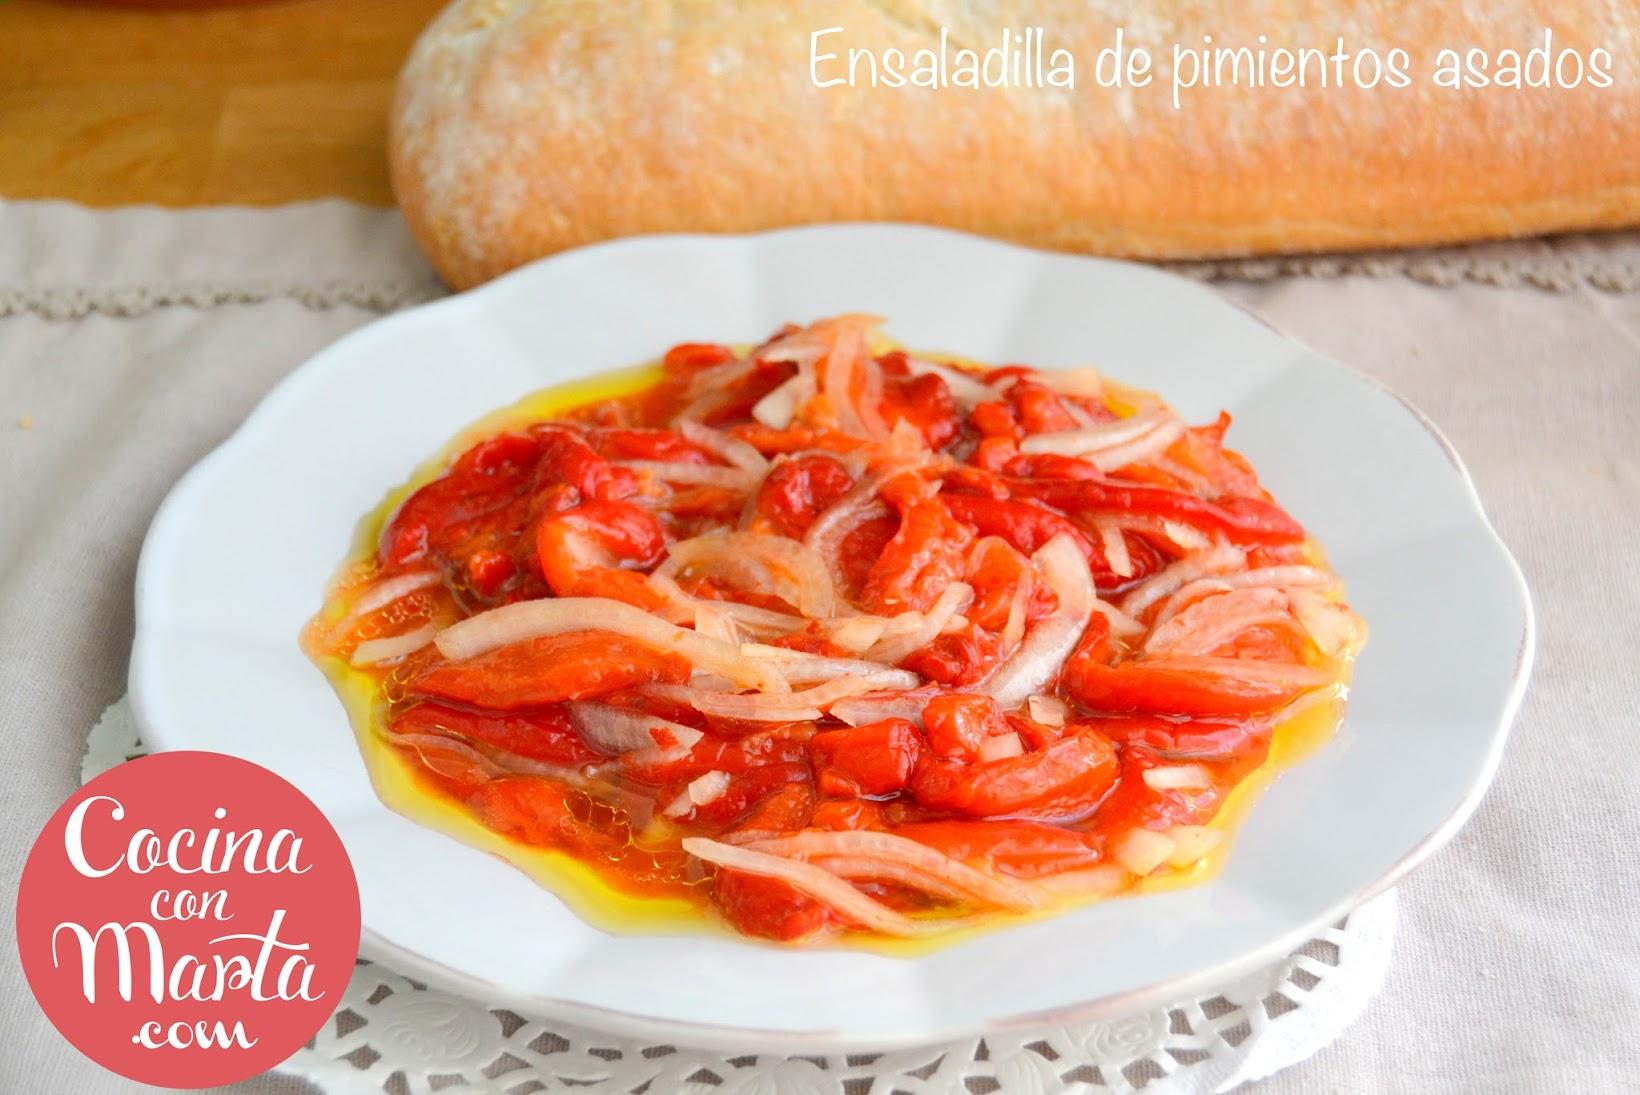 ensaladilla de pimientos asados, pimientos rojos, receta, Málaga, receta típica malagueña, sana, cocina con marta